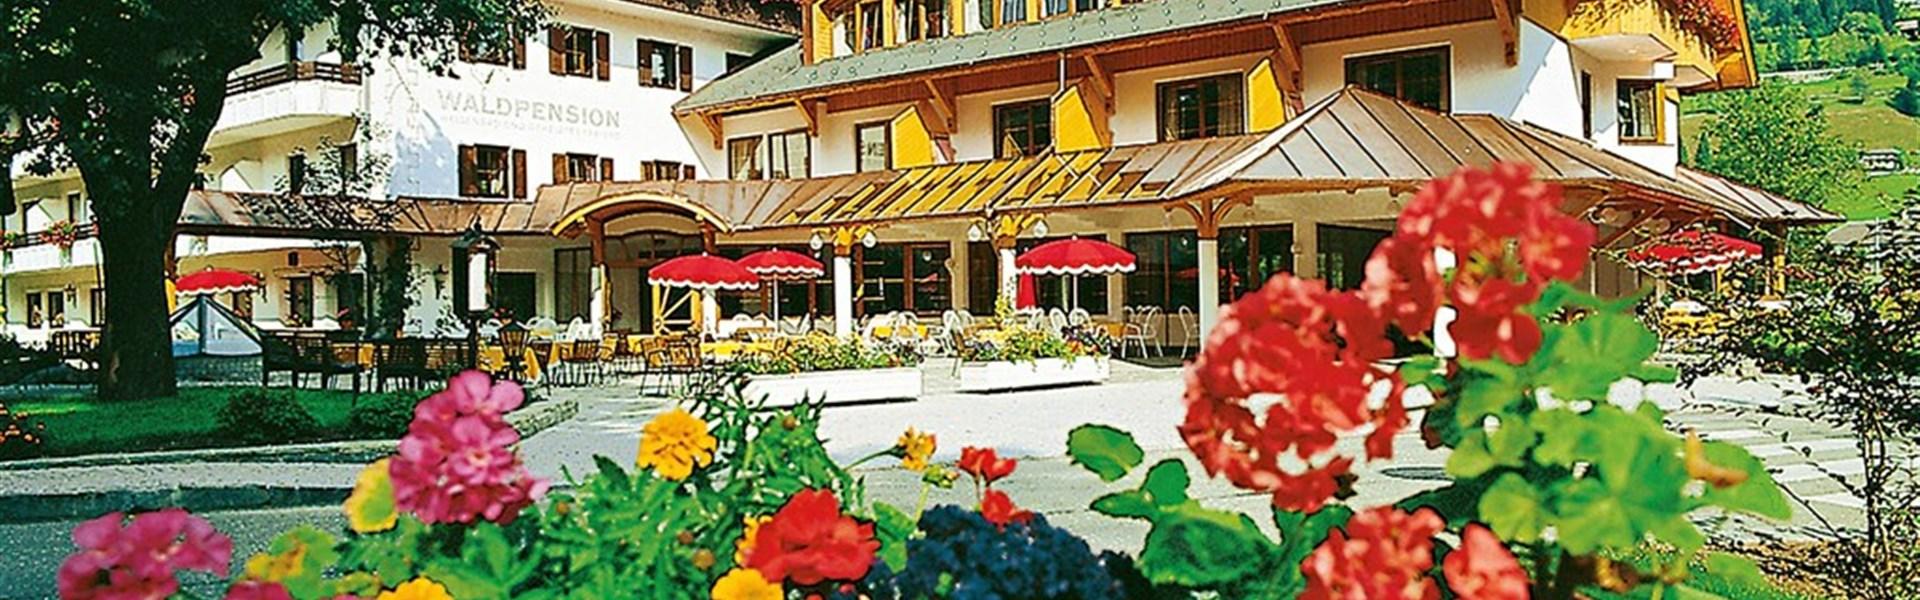 Ferienpark Putz S21 -